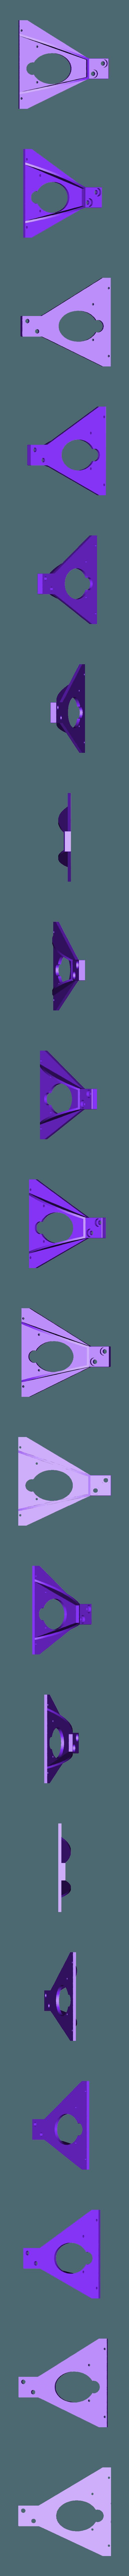 neck_plate.stl Télécharger fichier STL gratuit Mécanique de la bouche et du sourcil, adaptable à la mécanique de l'œil • Modèle pour impression 3D, kakiemon